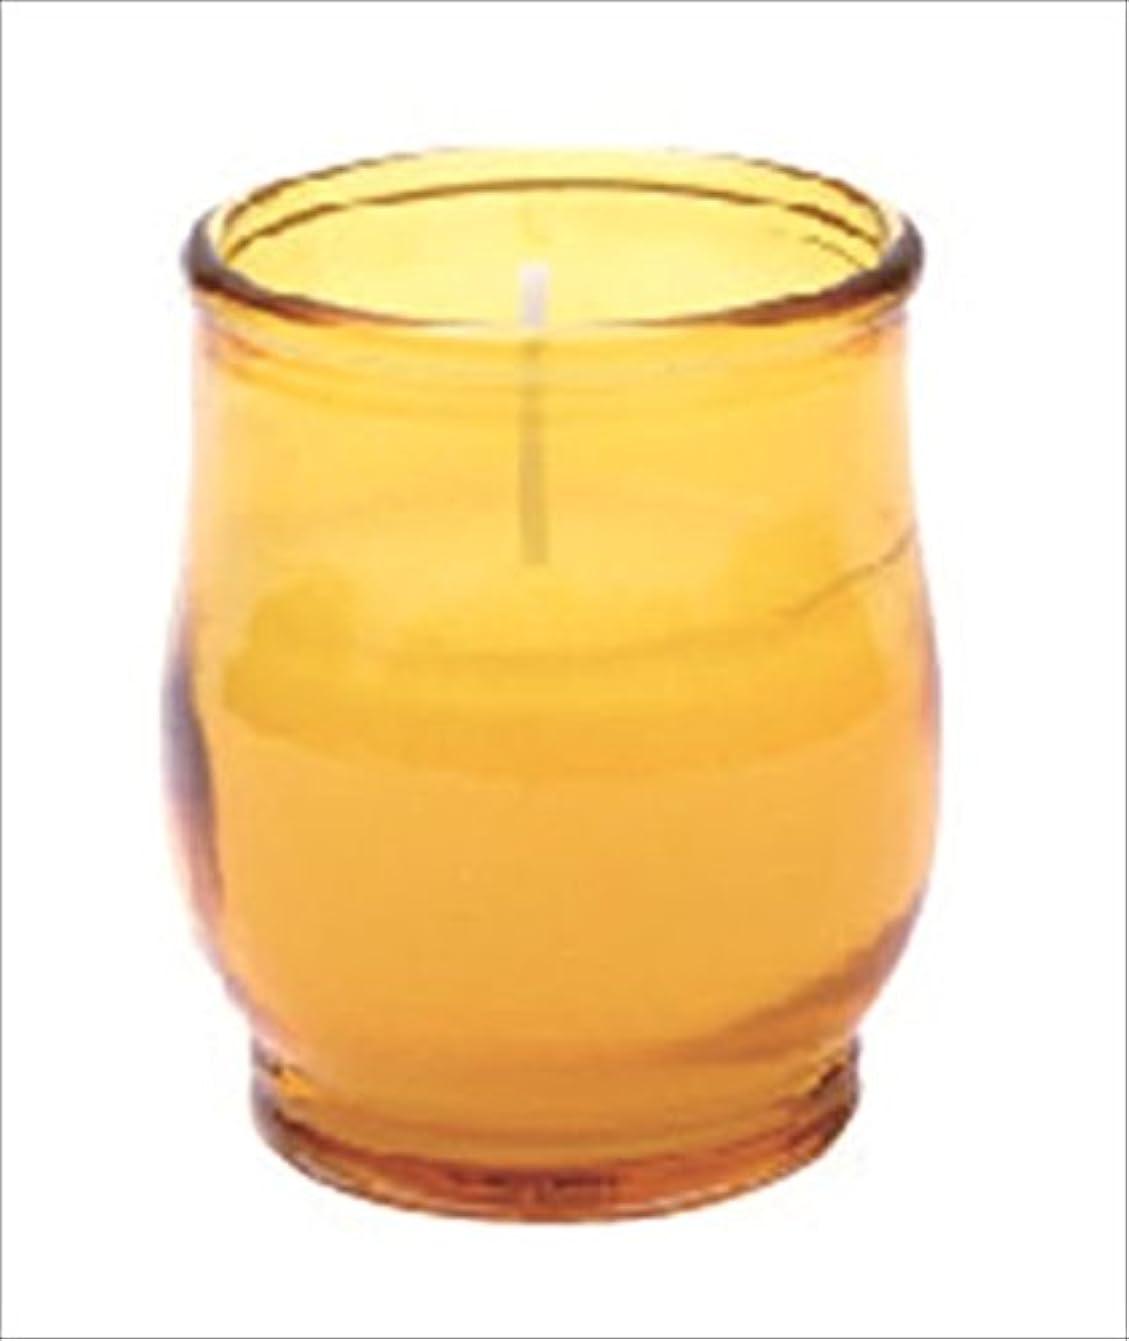 モールス信号慎重見つけるkameyama candle(カメヤマキャンドル) ポシェ 「 アンバー 」 キャンドル 68x68x80mm (73020040AM)